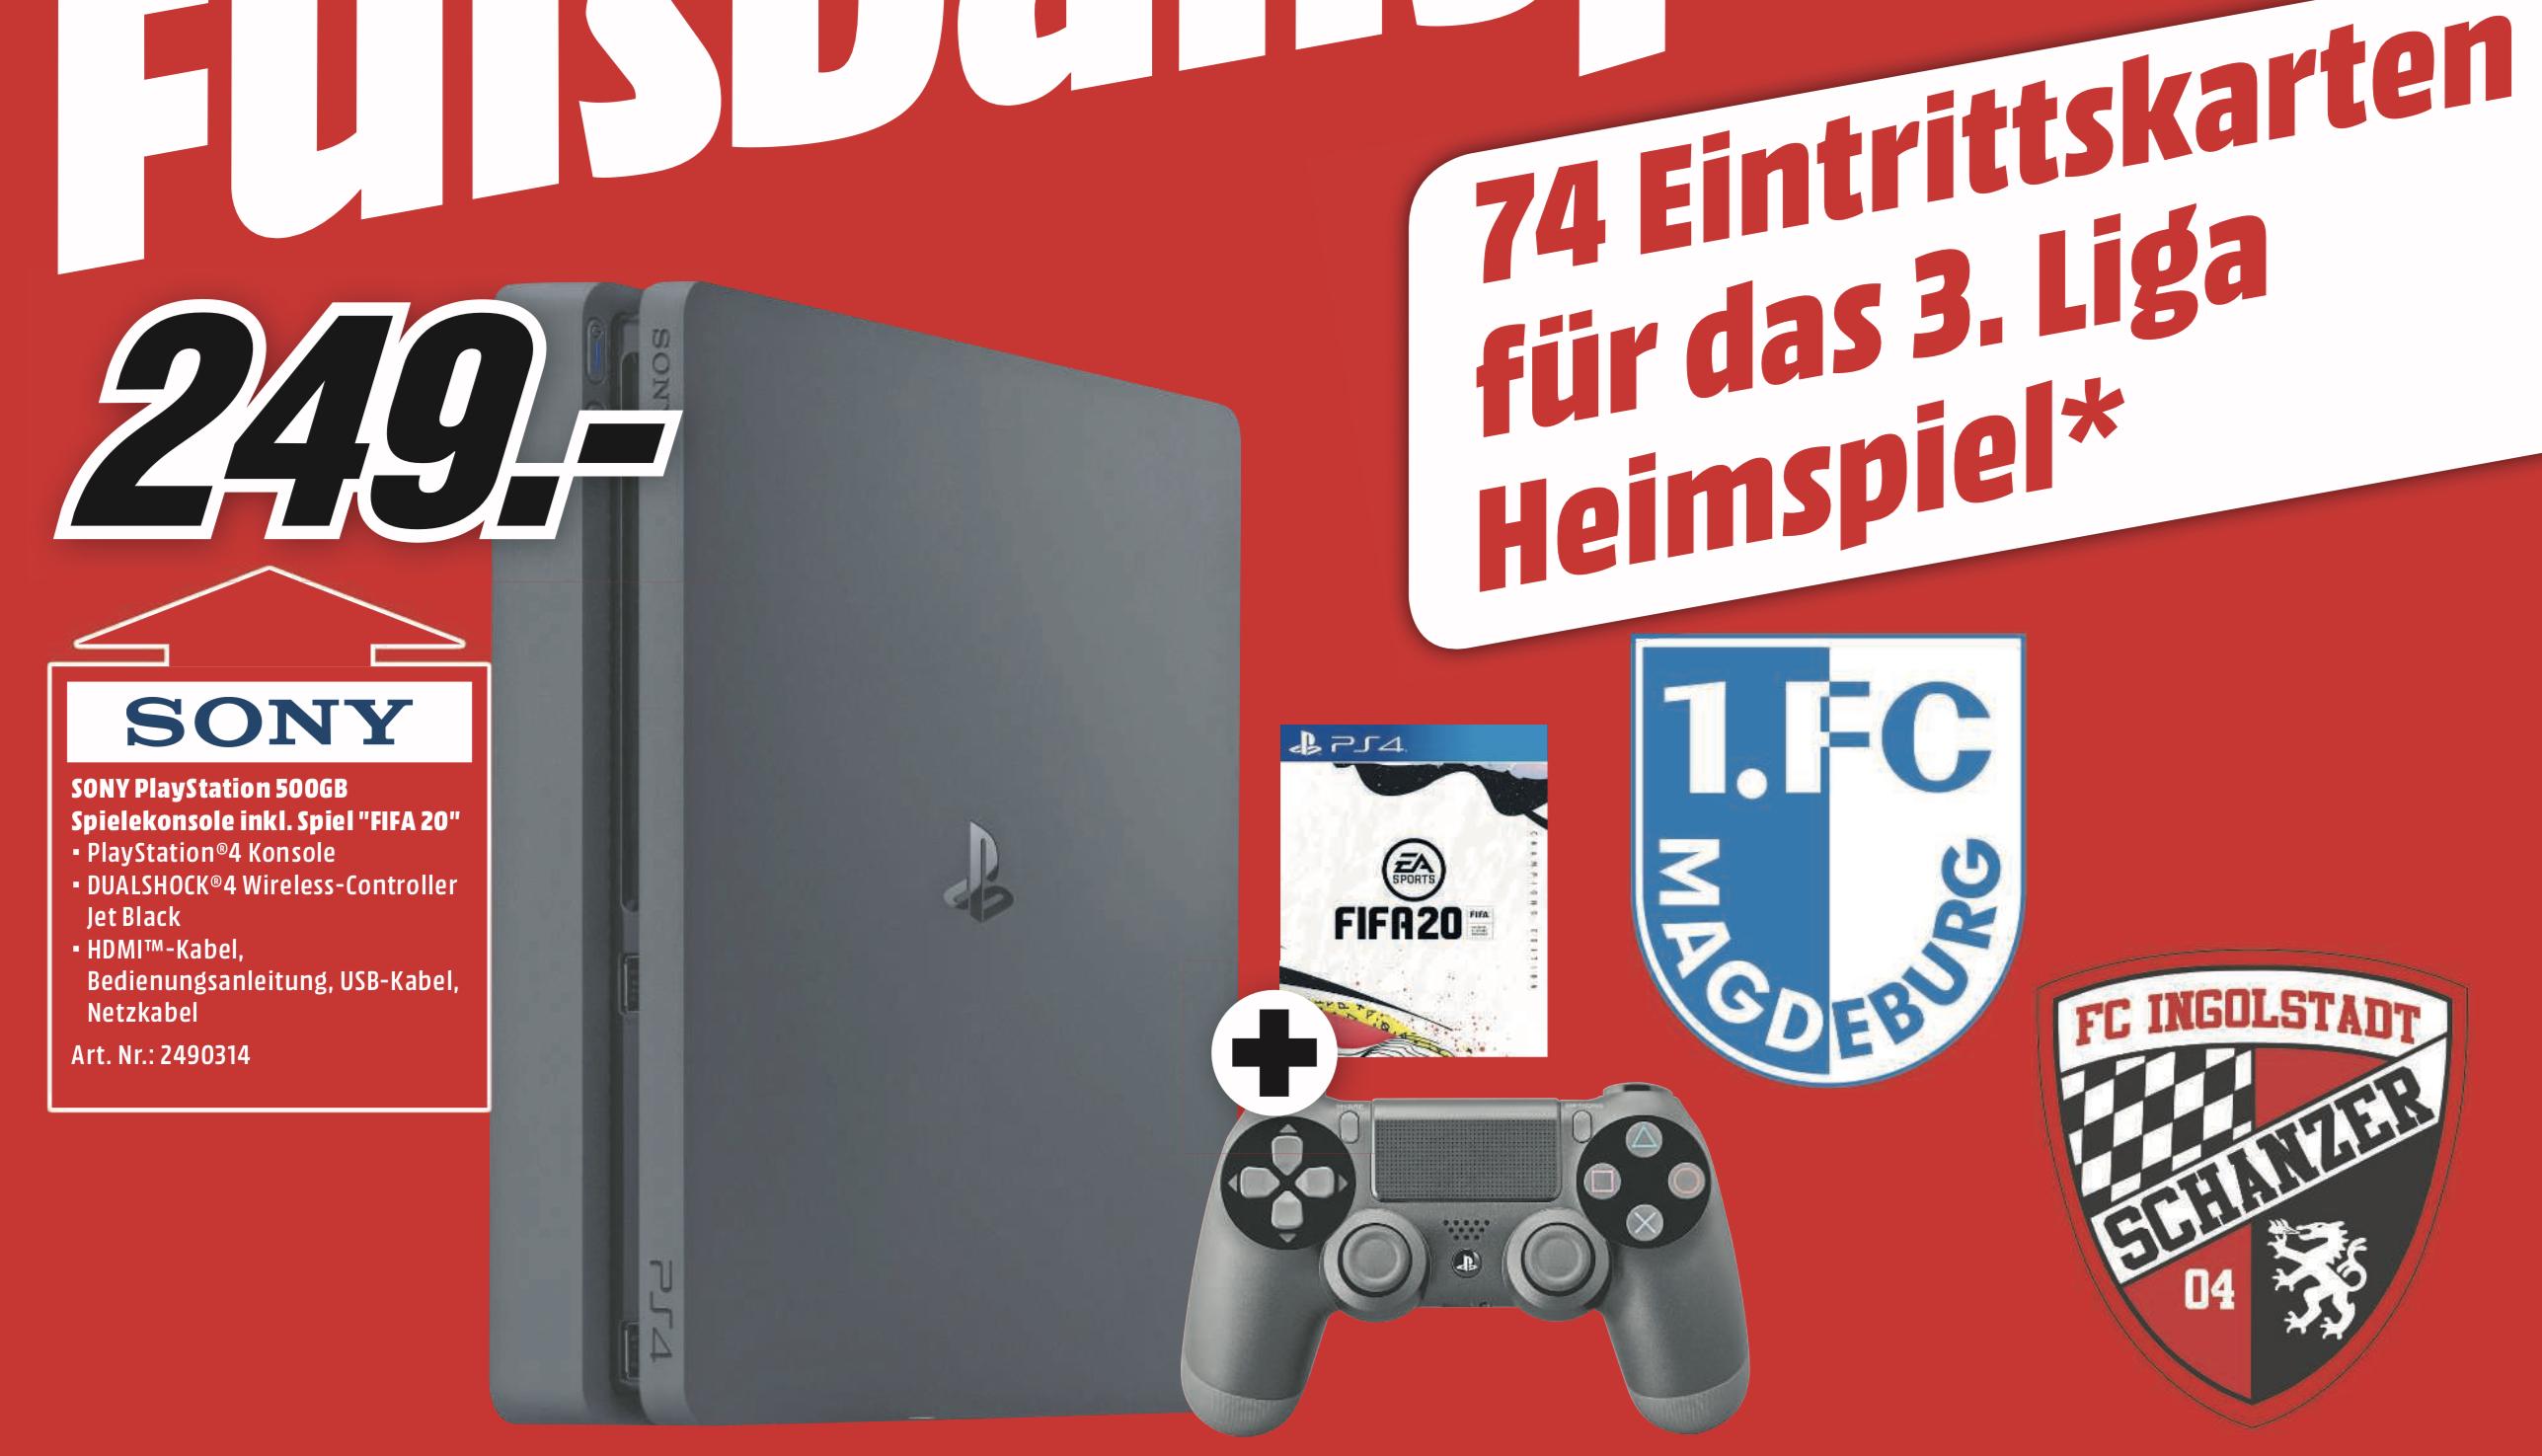 Lokal MediaMarkt Magdeburg: Sony PlayStation PS4 500GB + FIFA 20 für 249€ (+ Eintrittskarten für die ersten 37 Käufer)